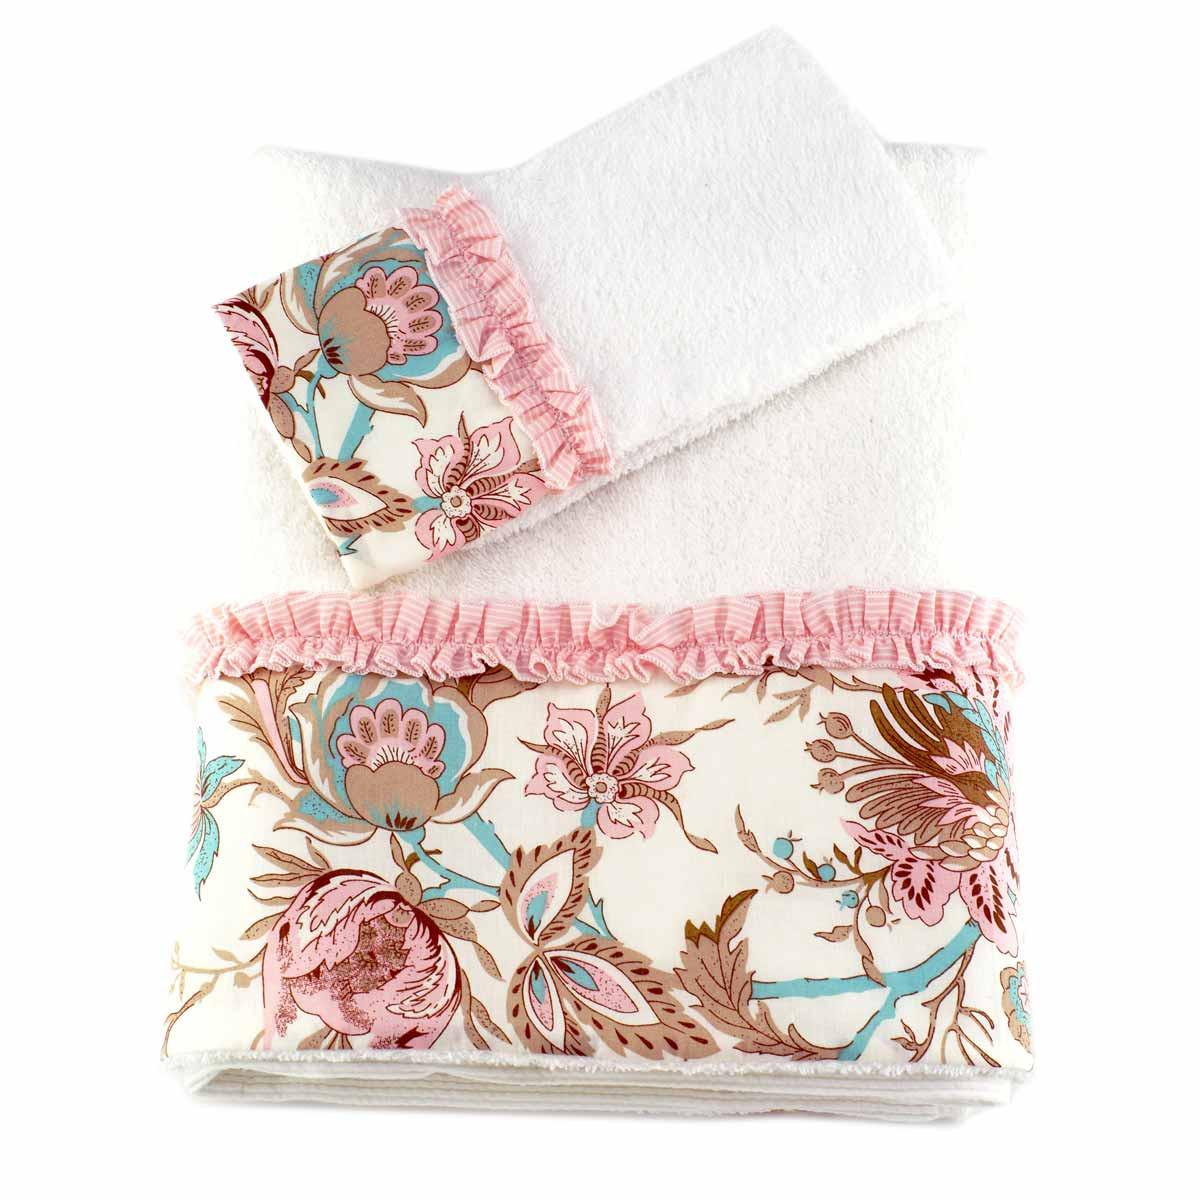 Βρεφικές Πετσέτες (Σετ 2τμχ) Ninna Nanna Sweet Floral